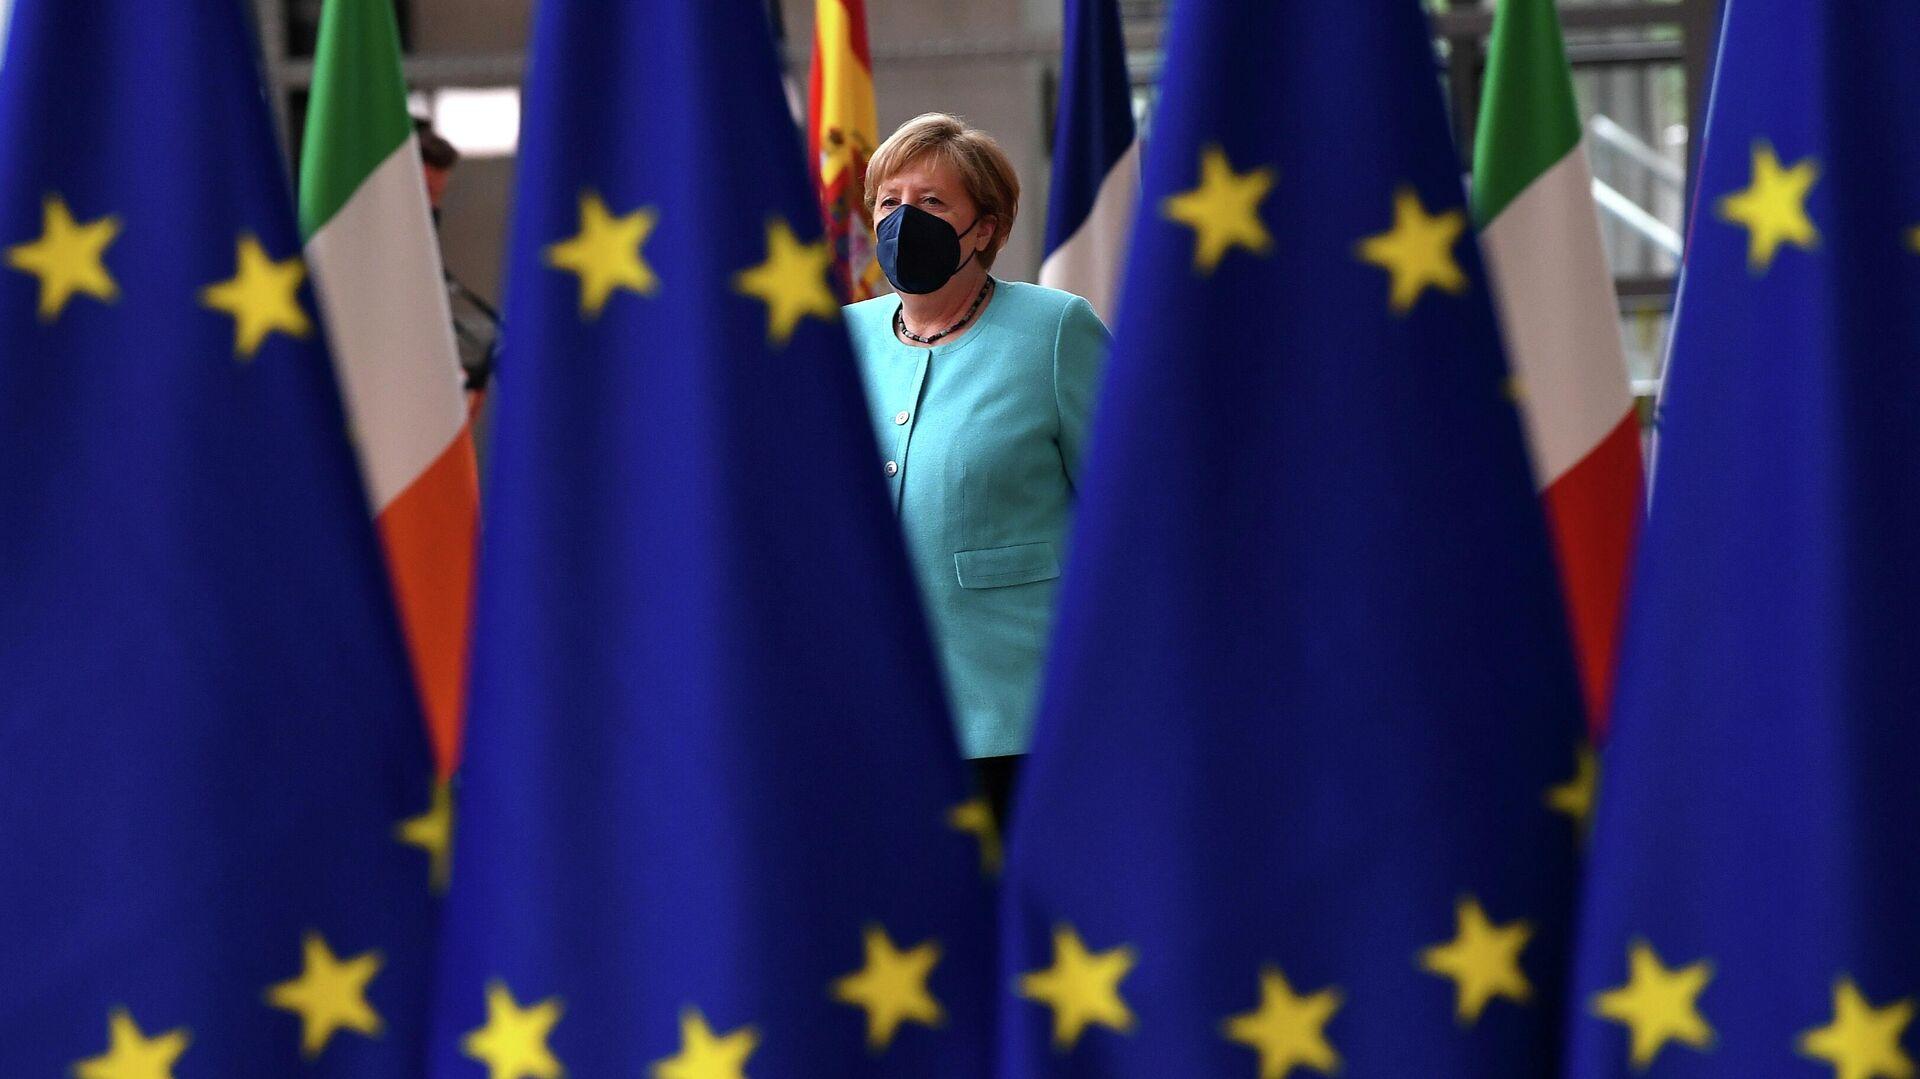 Angela Merkel, la canciller alemana en la cumbre de la UE en Bruselas, el 24 de junio de 2021  - Sputnik Mundo, 1920, 25.06.2021